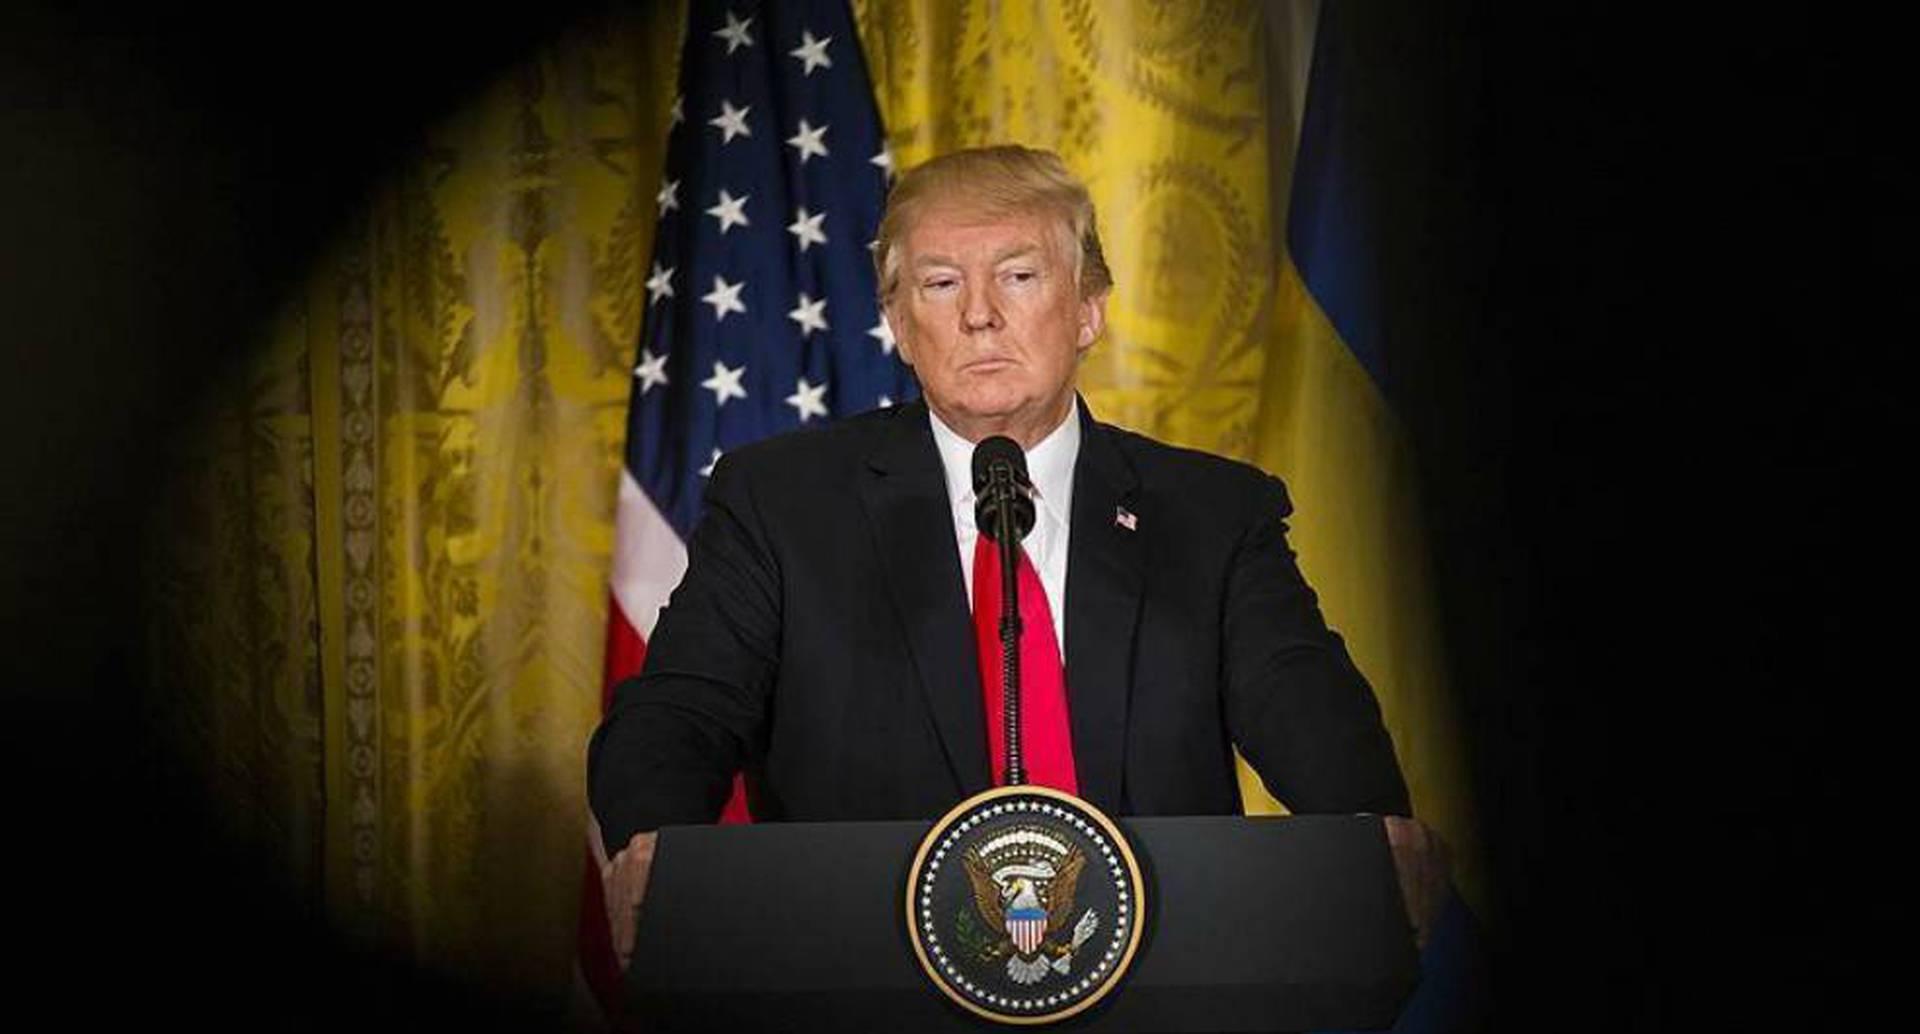 El mandatario norteamericano se ha caracterizado por actuar de forma errática y arbitraria en su política exterior.